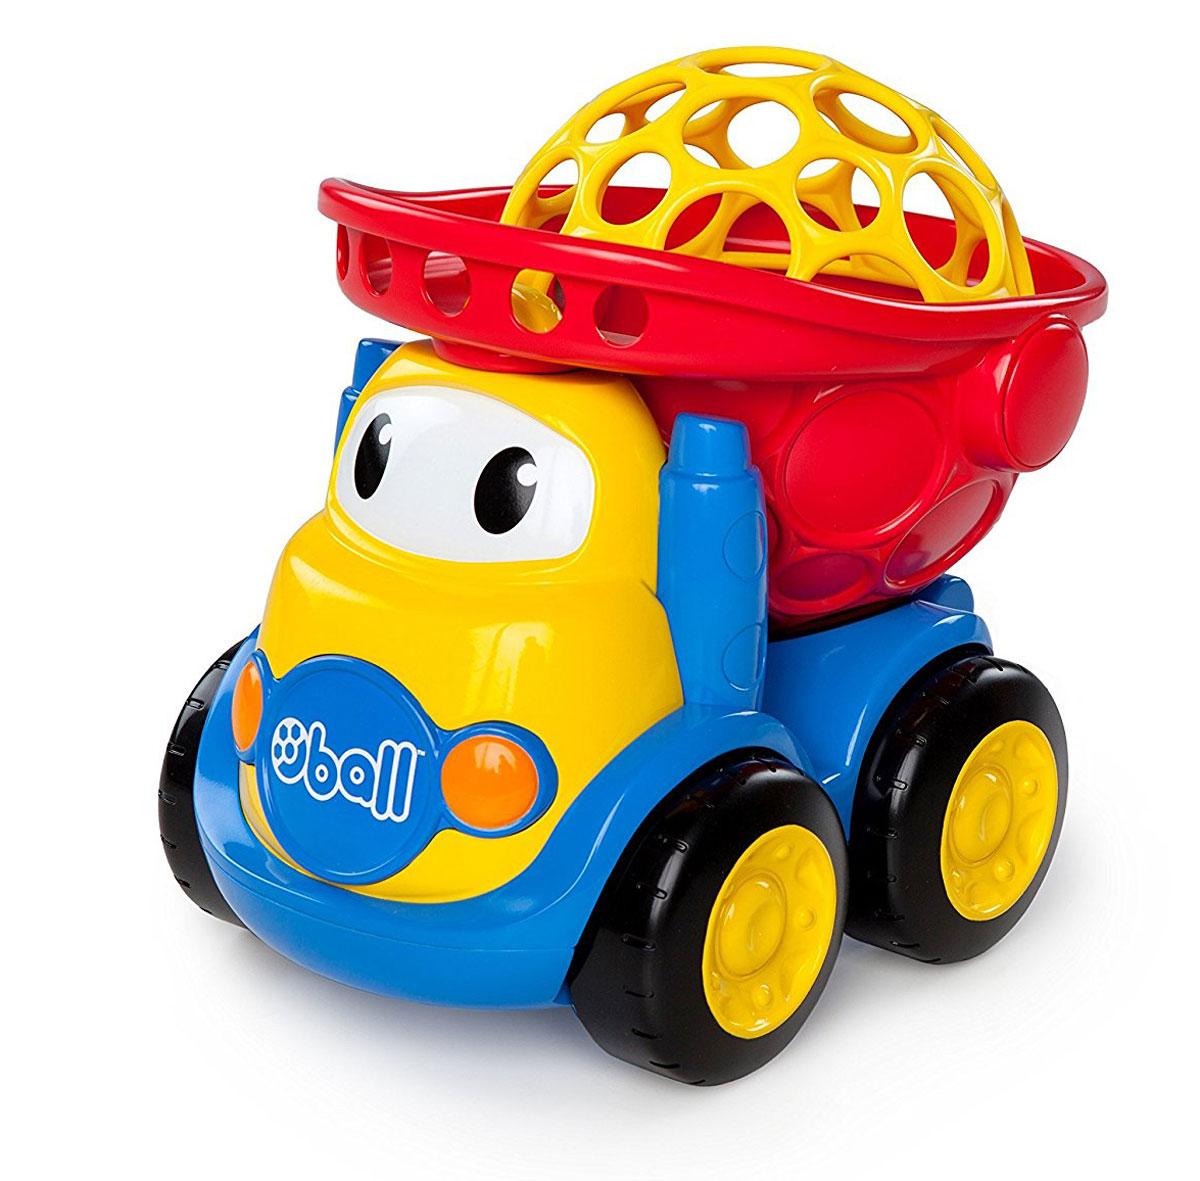 Oball Самосвал10312Самосвал Oball может стать чудесным подарком для малыша. Он привлечет внимание ребенка своими игровыми возможностями и ярким цветом. Игрушка выполнена из качественных материалов, гарантирующих ее долговечность. Ребенок сможет самостоятельно переносить машинку, ведь она имеет оптимальный для малыша размер. У самосвала откидывается кузов, оснащенный крышечкой. Малыш сможет перевозить грузы в кузове машинки, а крышечка не позволит игрушкам высыпаться из него. Крышечку можно снимать. Она выполнена в виде купола и имеет множество отверстий. Ребенок сможет снять купол самостоятельно, просунув пальчики в отверстия. Машинка отлично катится по поверхности, поэтому малышу будет легко управлять этим самосвалом. На лобовом стекле кузова машинки нарисованы стилизованные глазки.